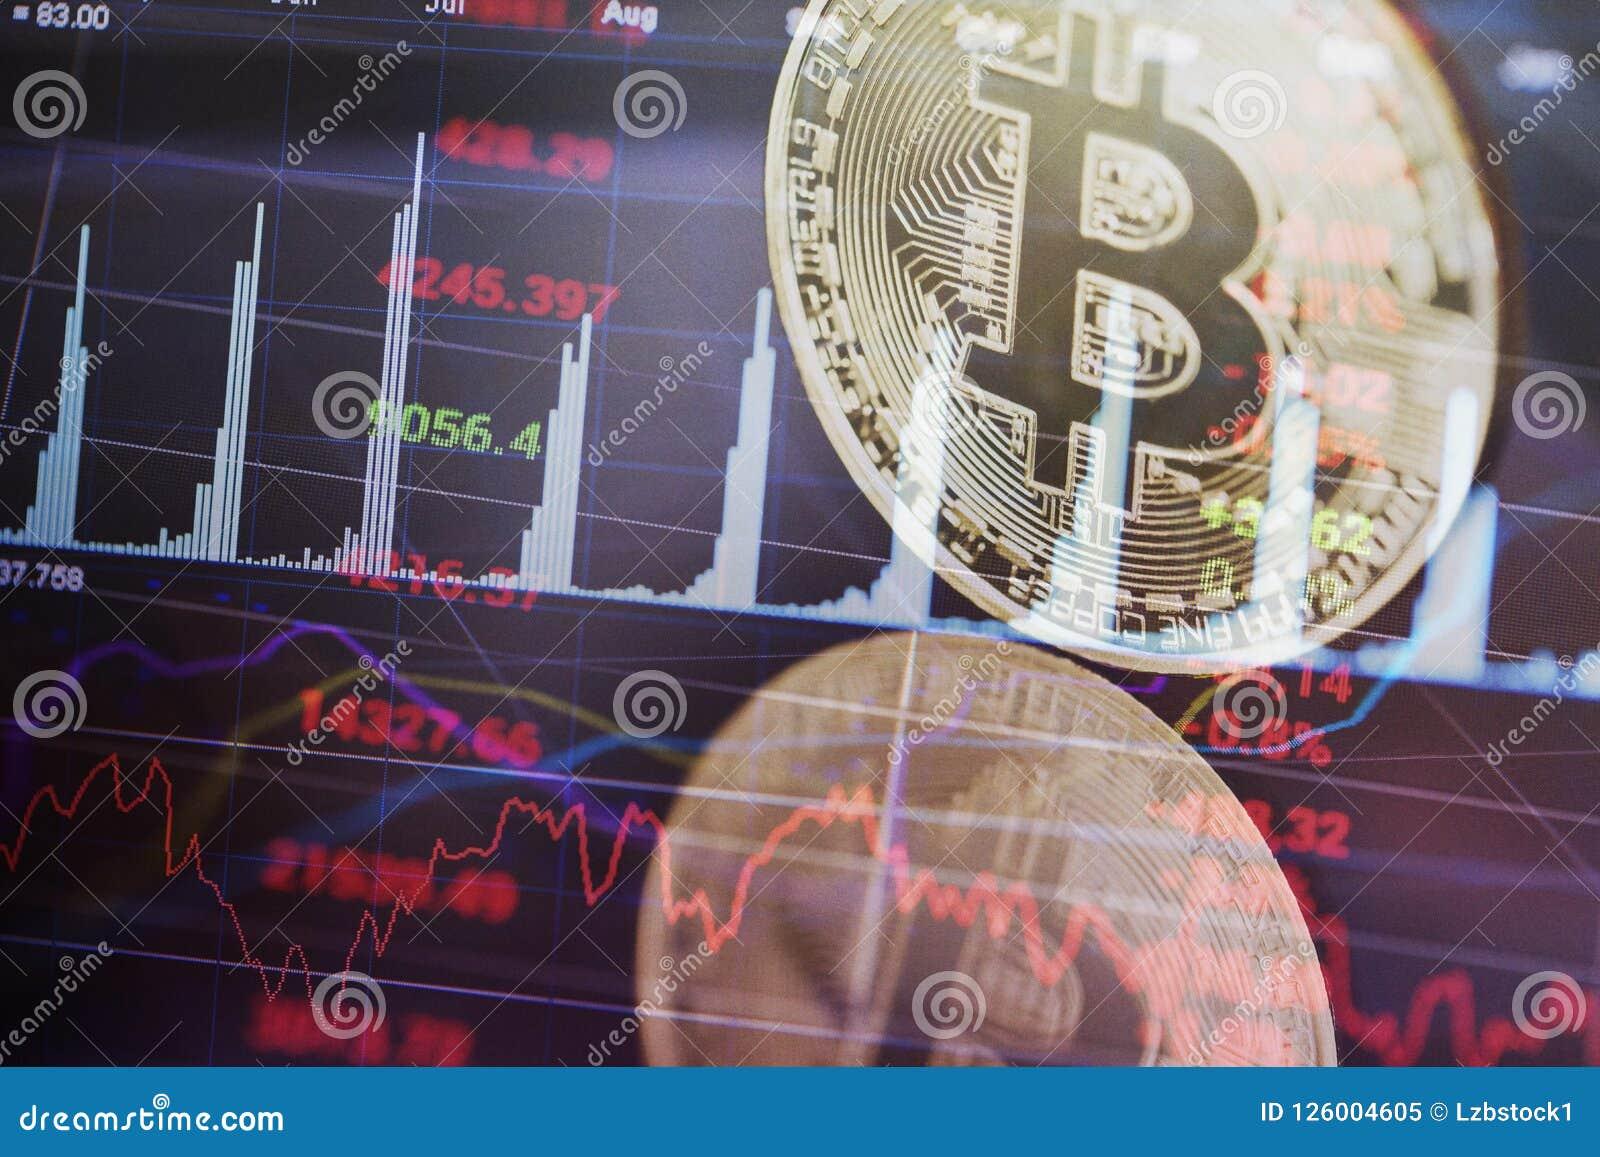 cât timp va dura bitcoin)